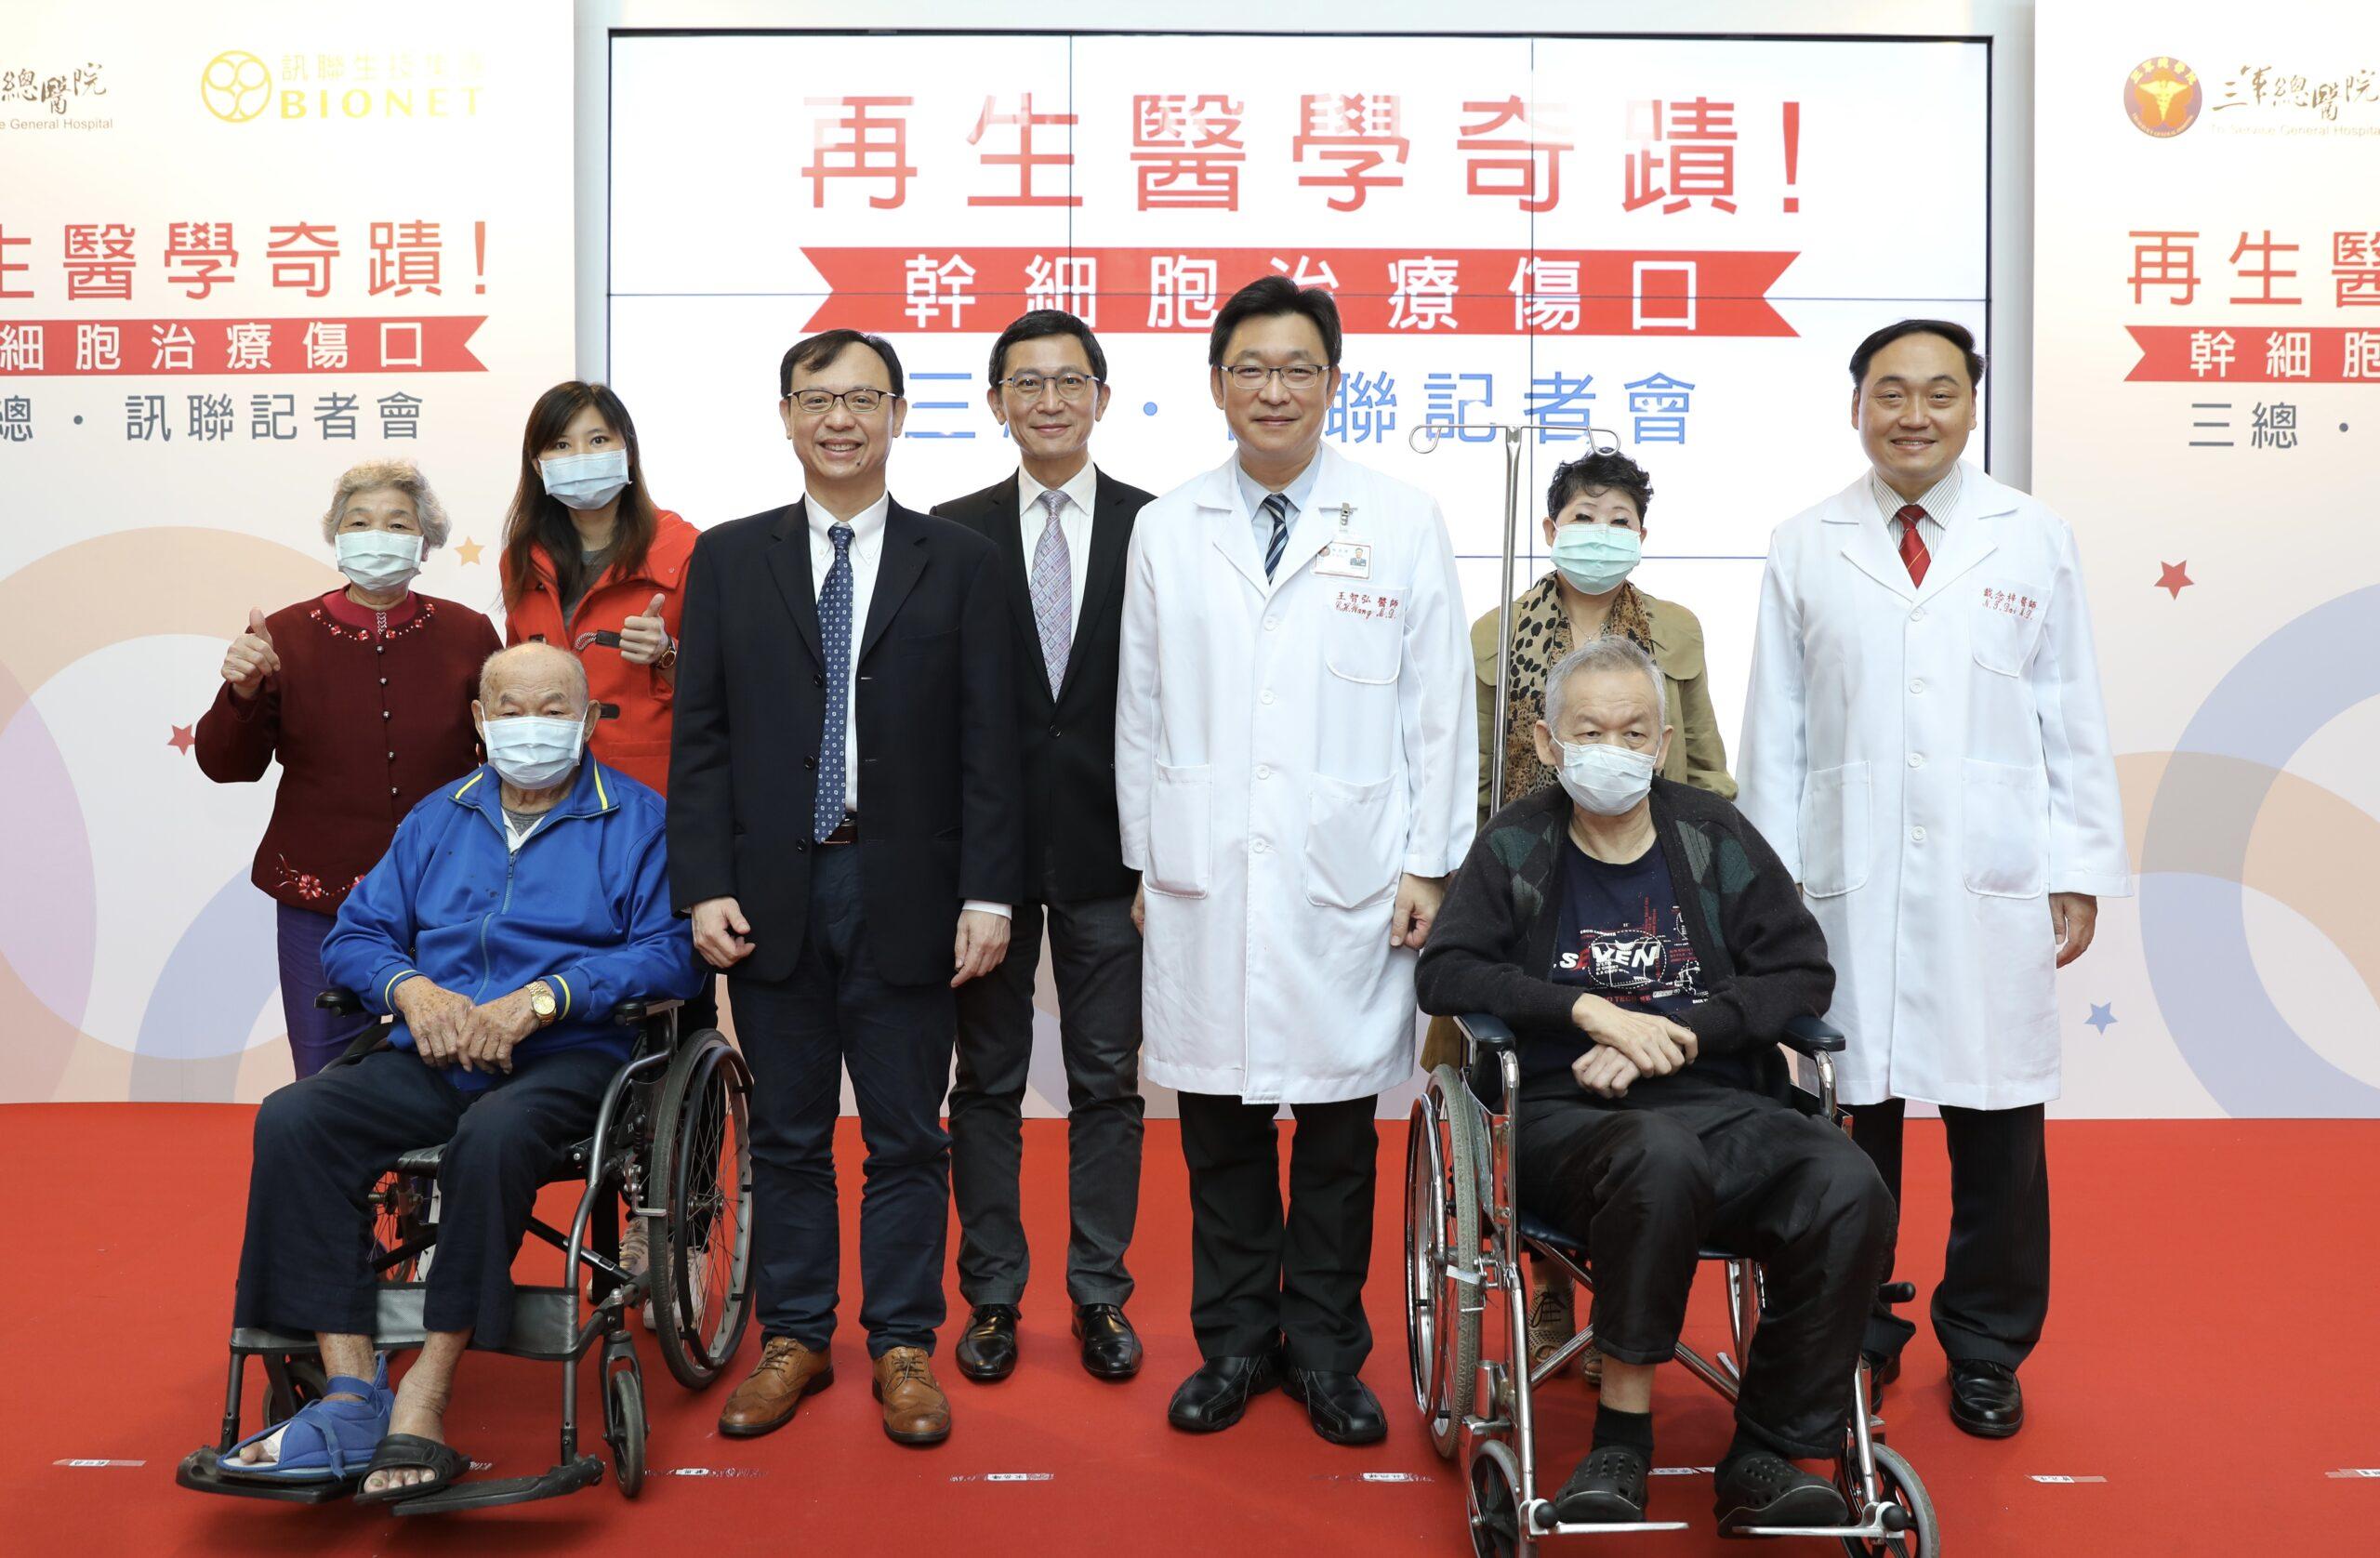 【有影】再生醫學治癒八旬老翁免截肢  年底新版特管法將開放異體細胞移植